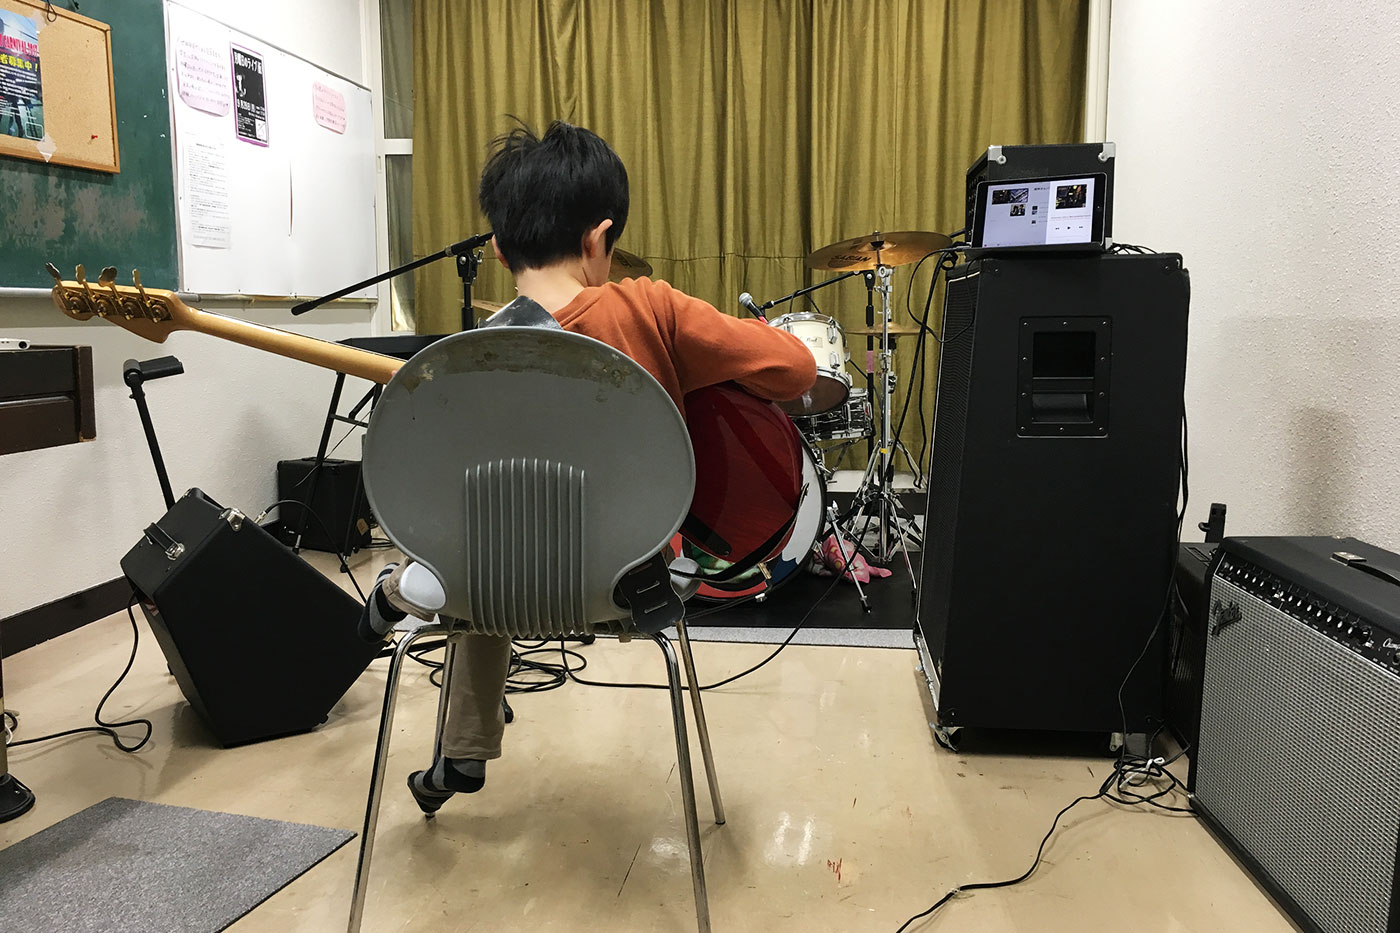 ベースを弾く男児